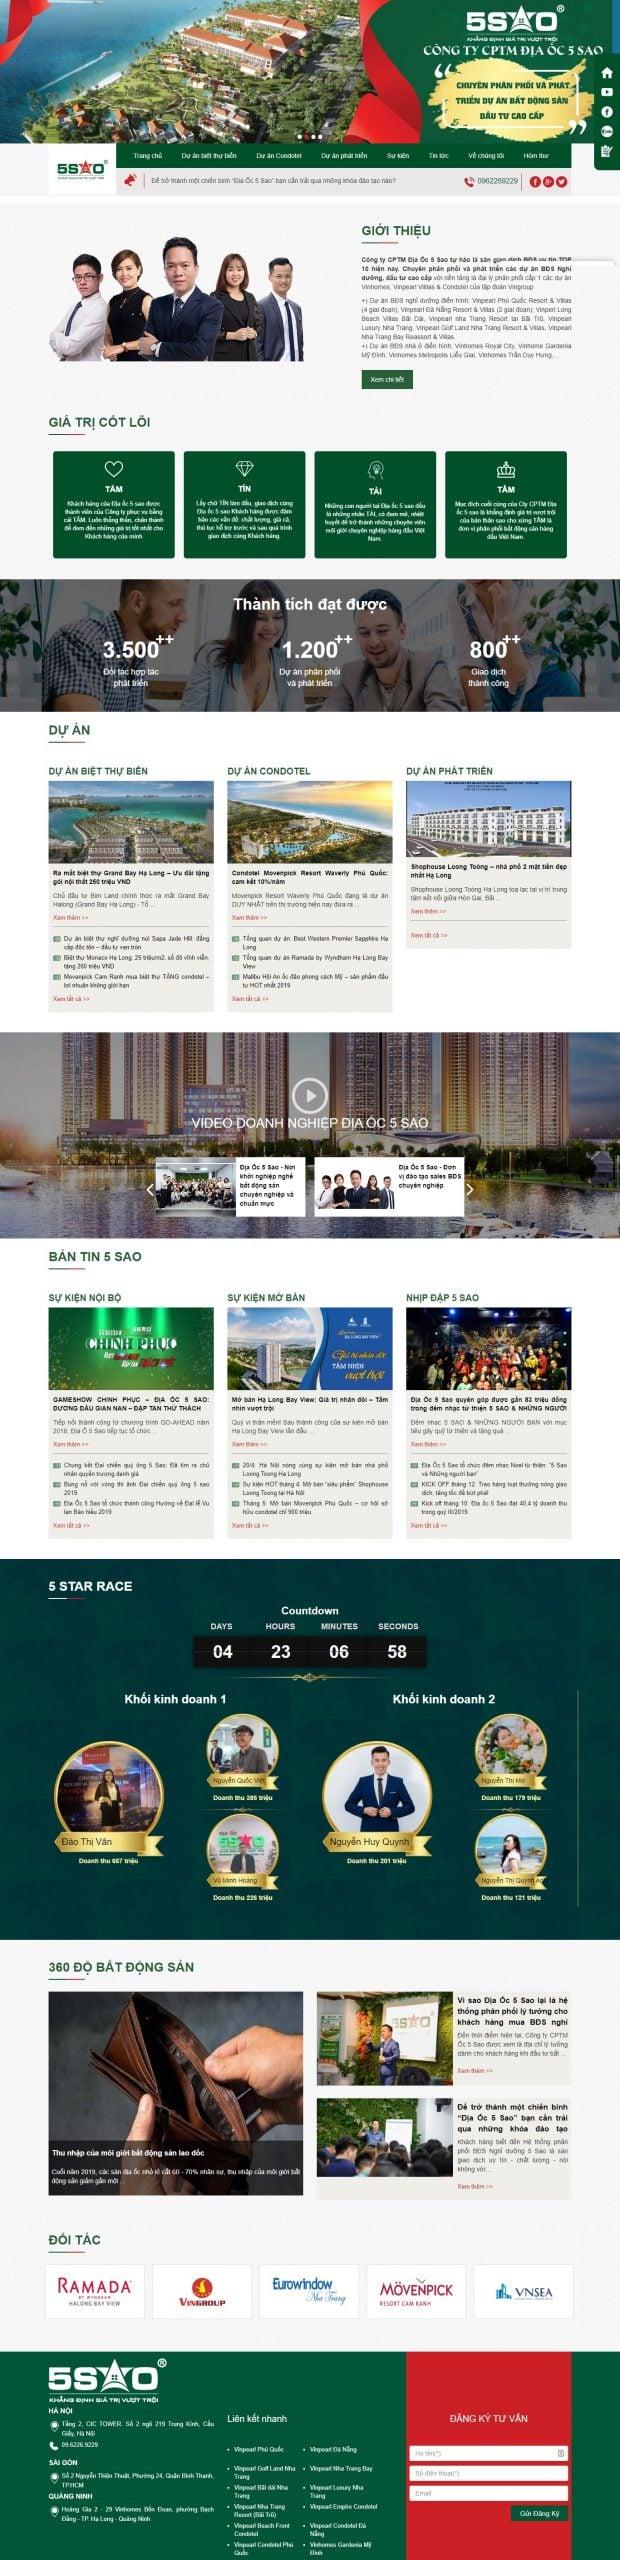 Mẫu thiết kế website bất động sản -diaoc5sao.vn – Địa ốc 5 Sao – Khẳng định giá trị vượt trội – Hệ Thống PP BĐS Nghỉ Dưỡng Cao